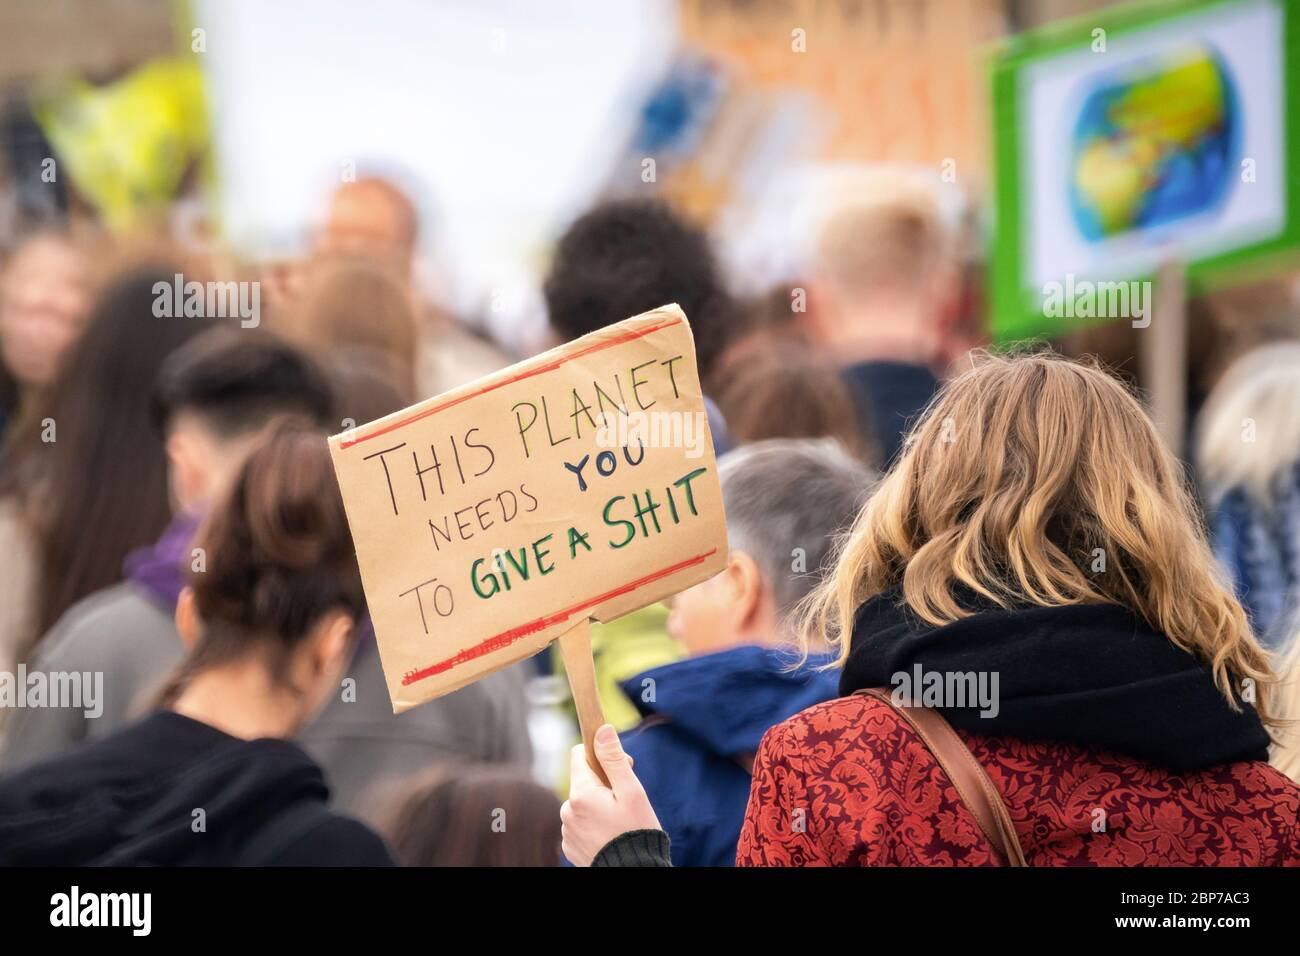 Los alumnos se manifiestan con carteles de protesta durante los viernes para la futura huelga climática en la Puerta de Brandenburgo -Pariser Platz- en Berlín. Foto de stock